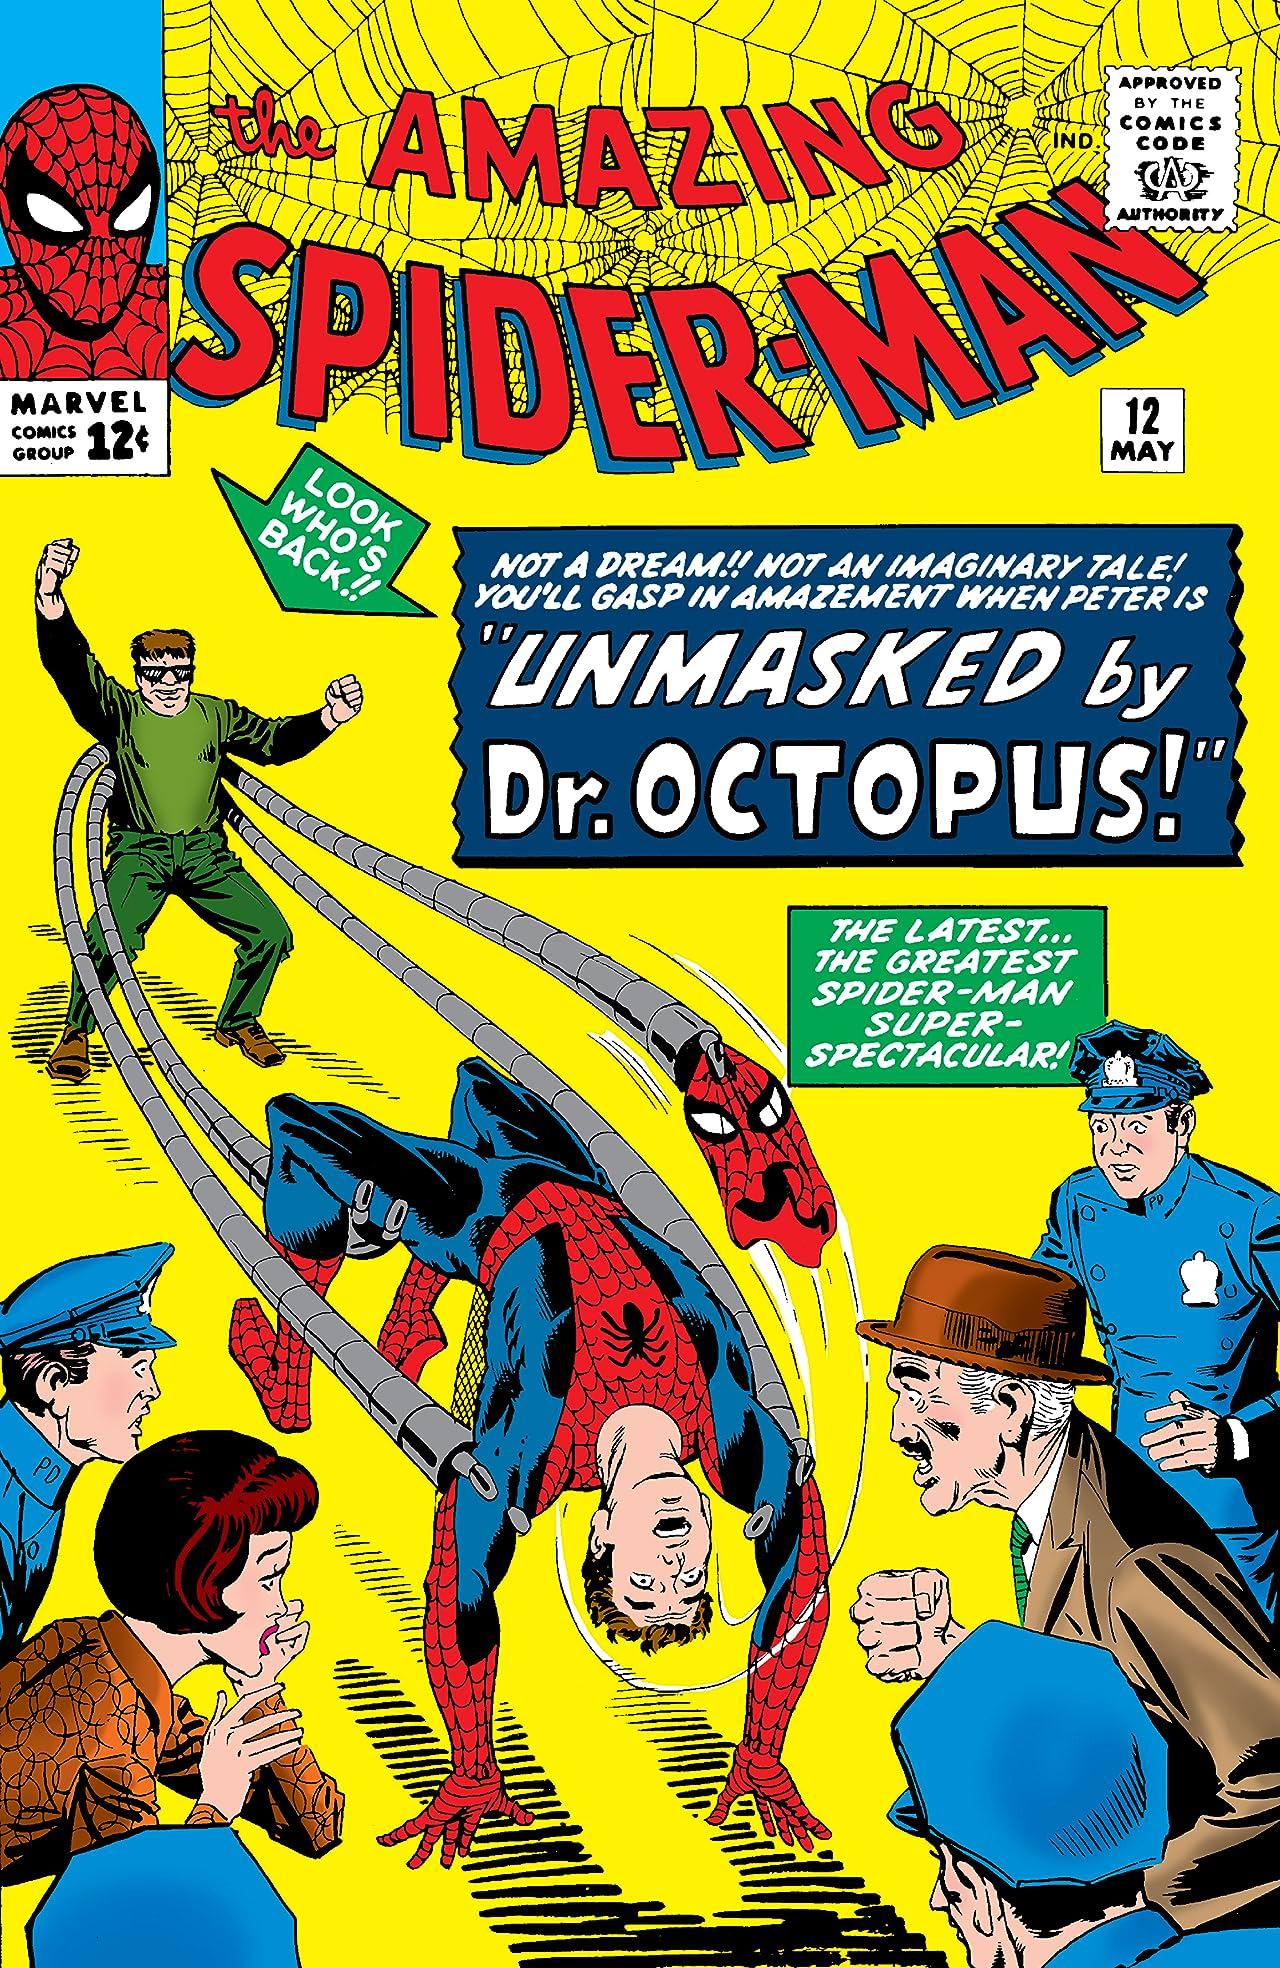 Amazing Spider-Man #012